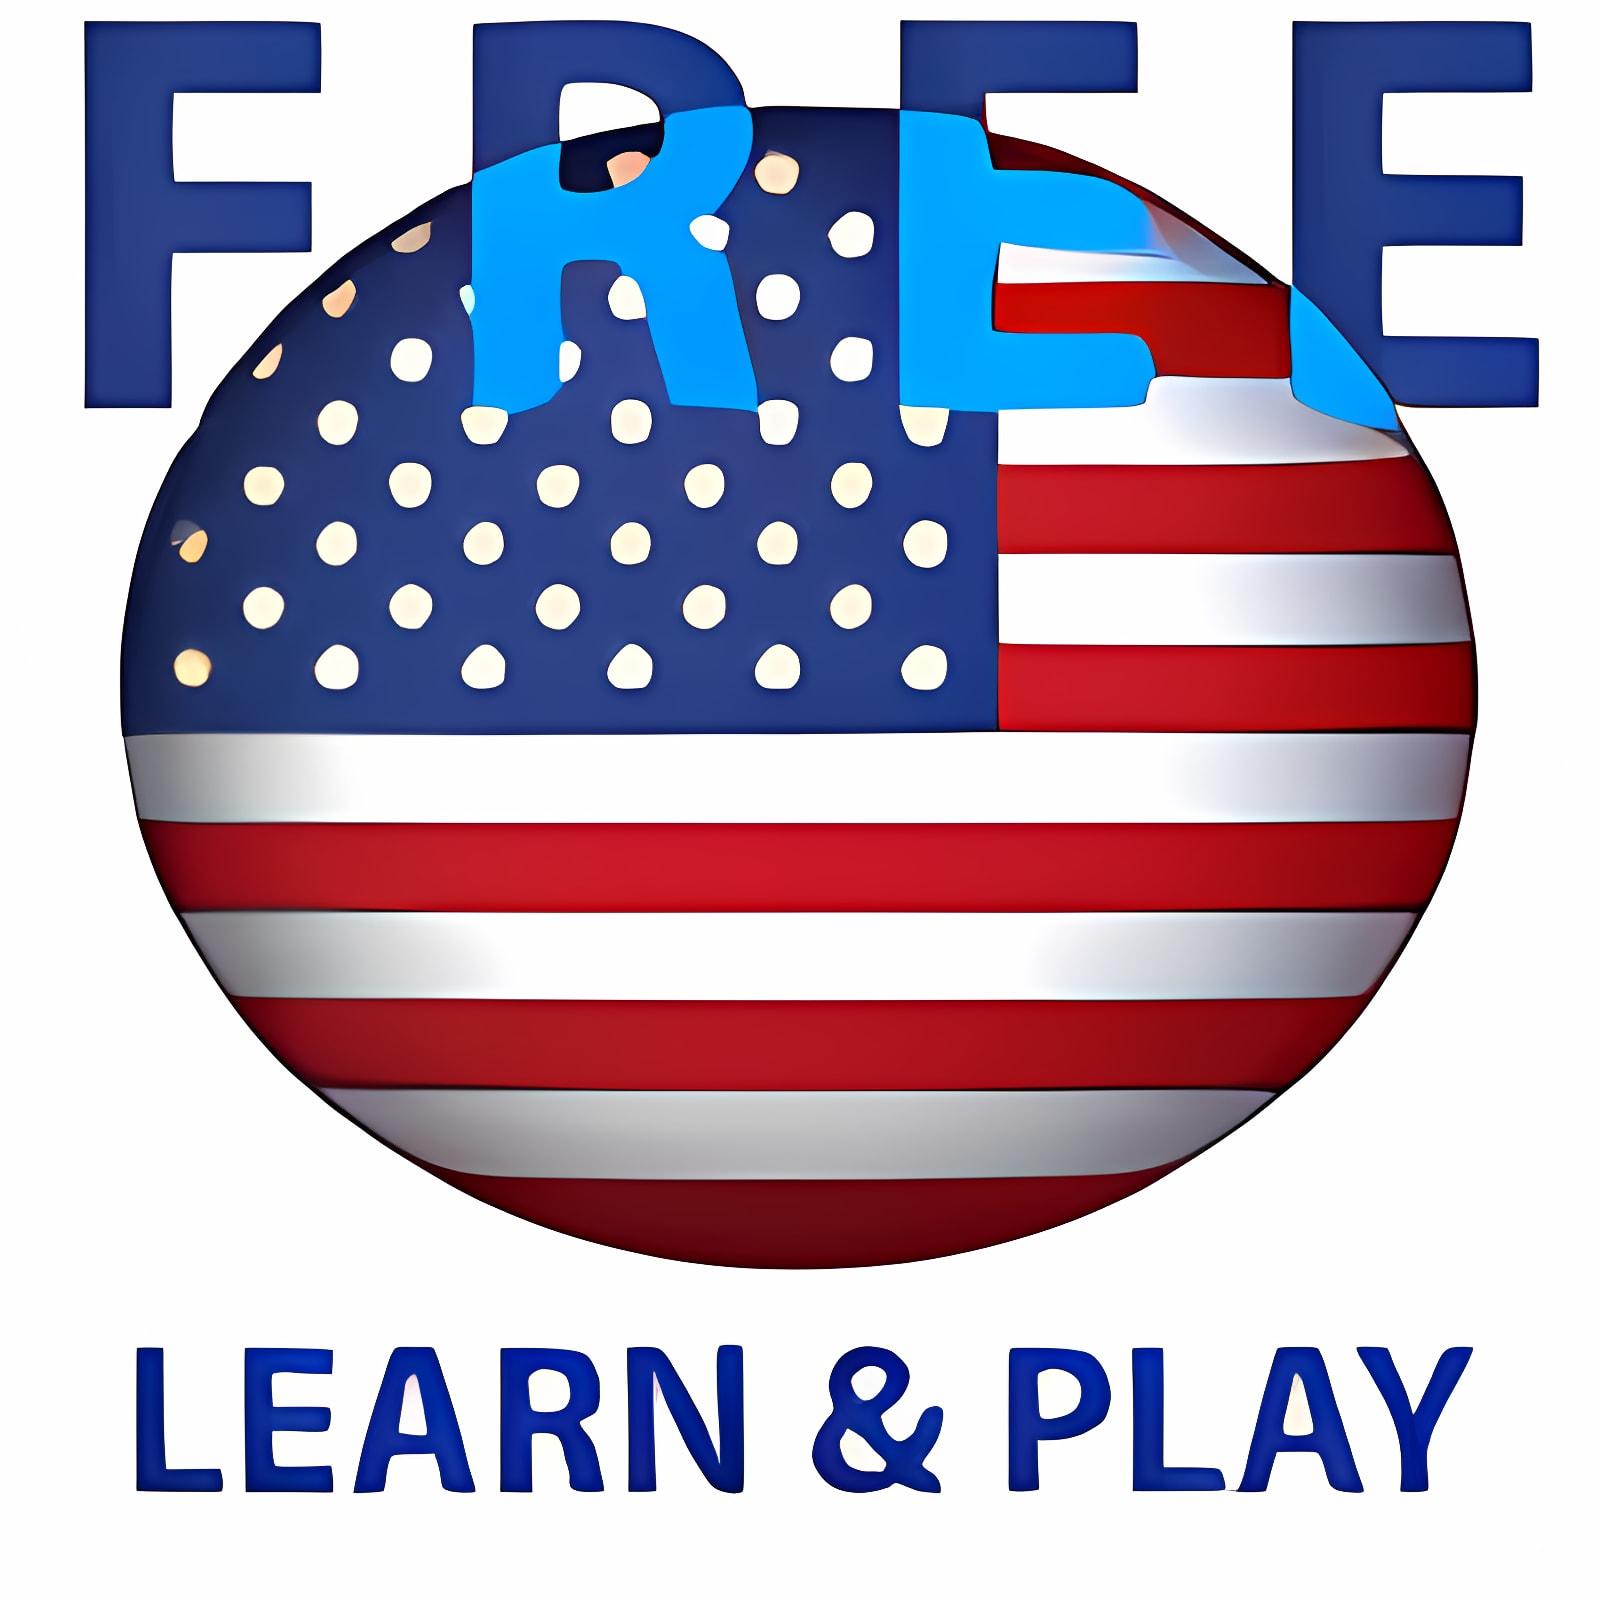 Aprender jugando. EE.UU. Inglés (Americano) free